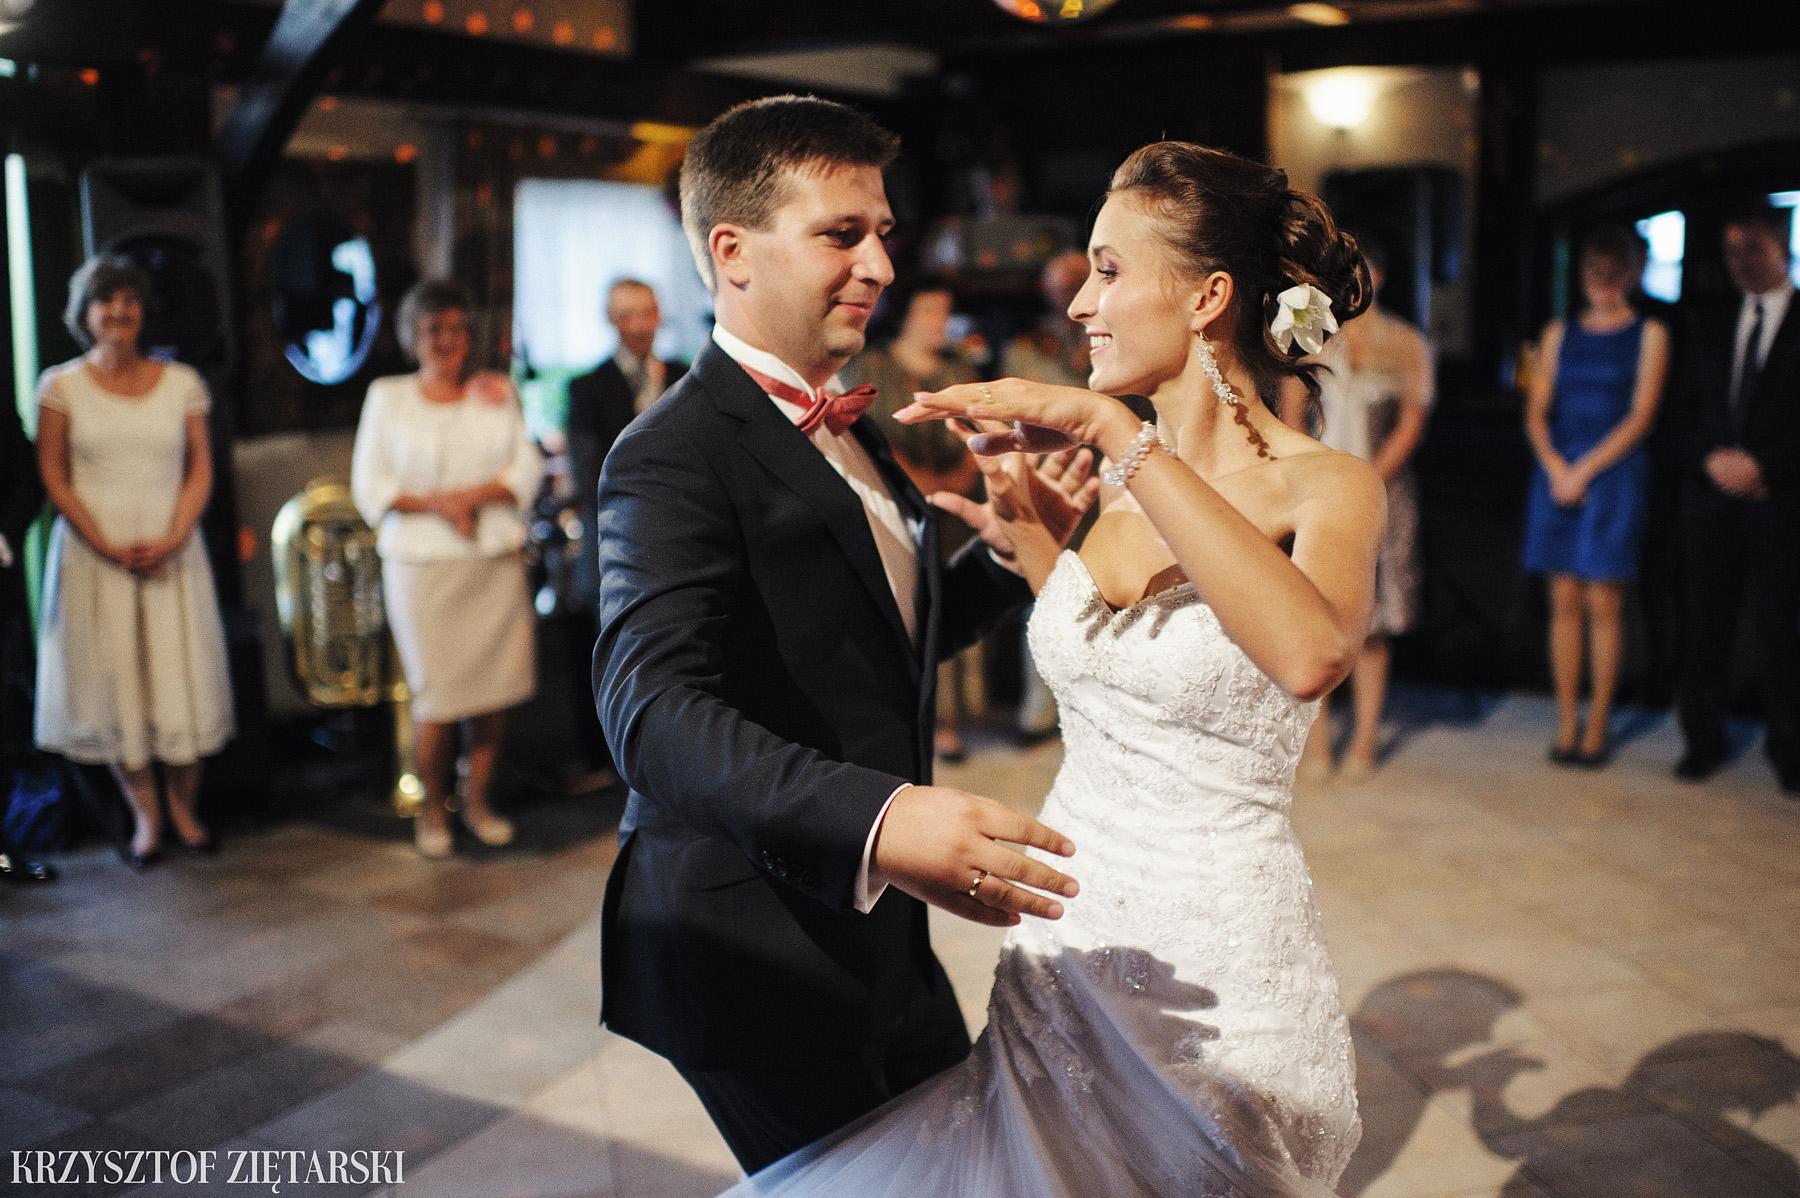 Karolina i Jacek - Fotografia ślubna Gdańsk, Chwaszczyno, Gościniec dla Przyjaciół Wyczechowo Hilary - 25.